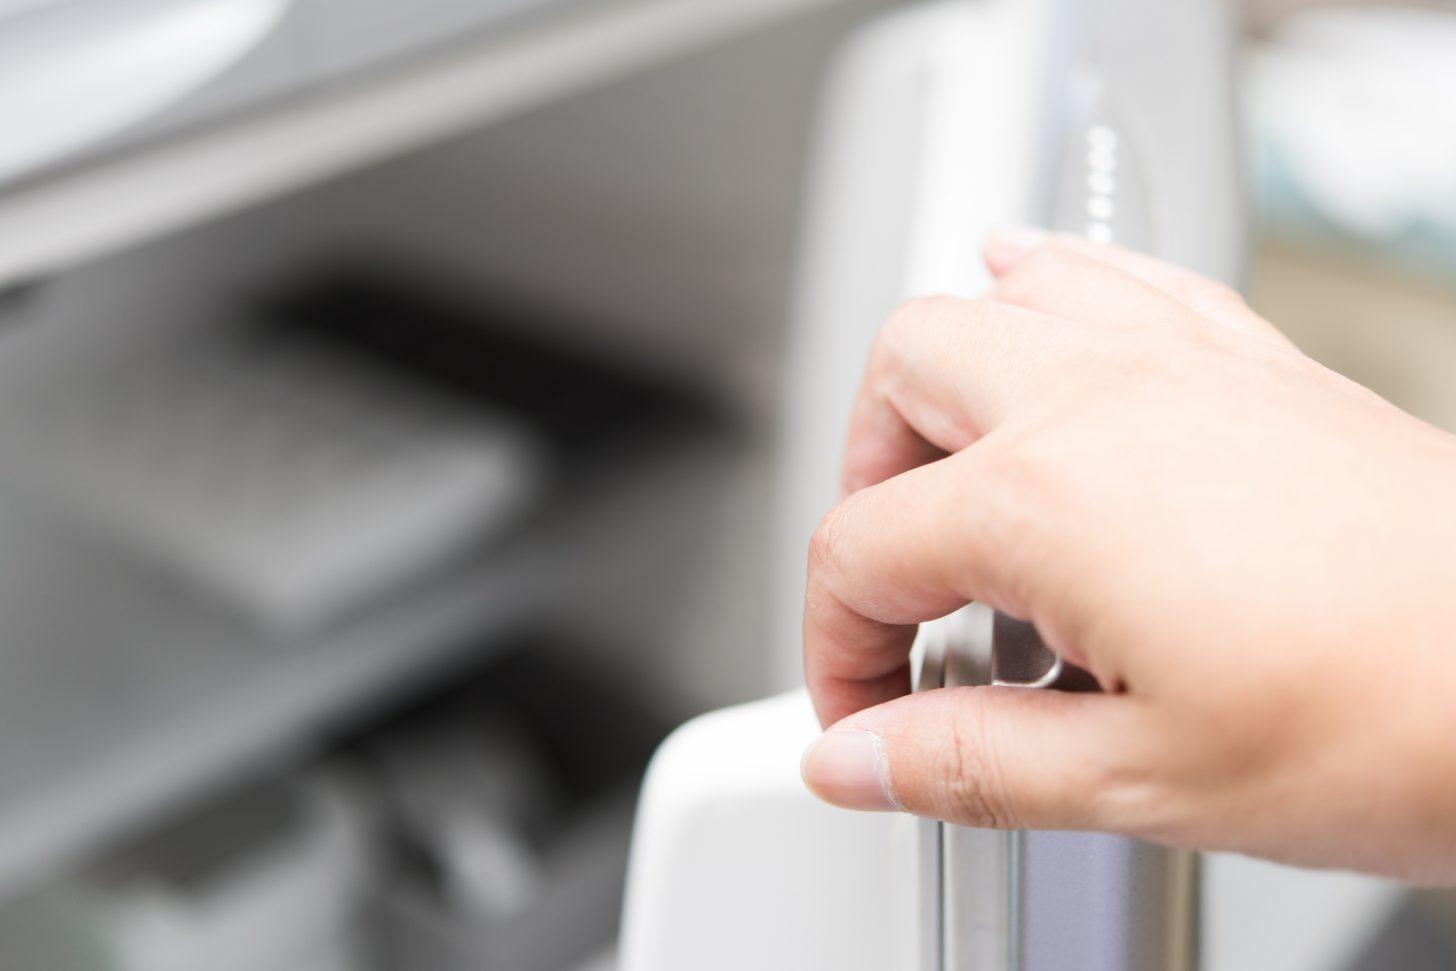 しっかり防止する!冷凍庫に霜がつくのを防ぐ予防対策5選